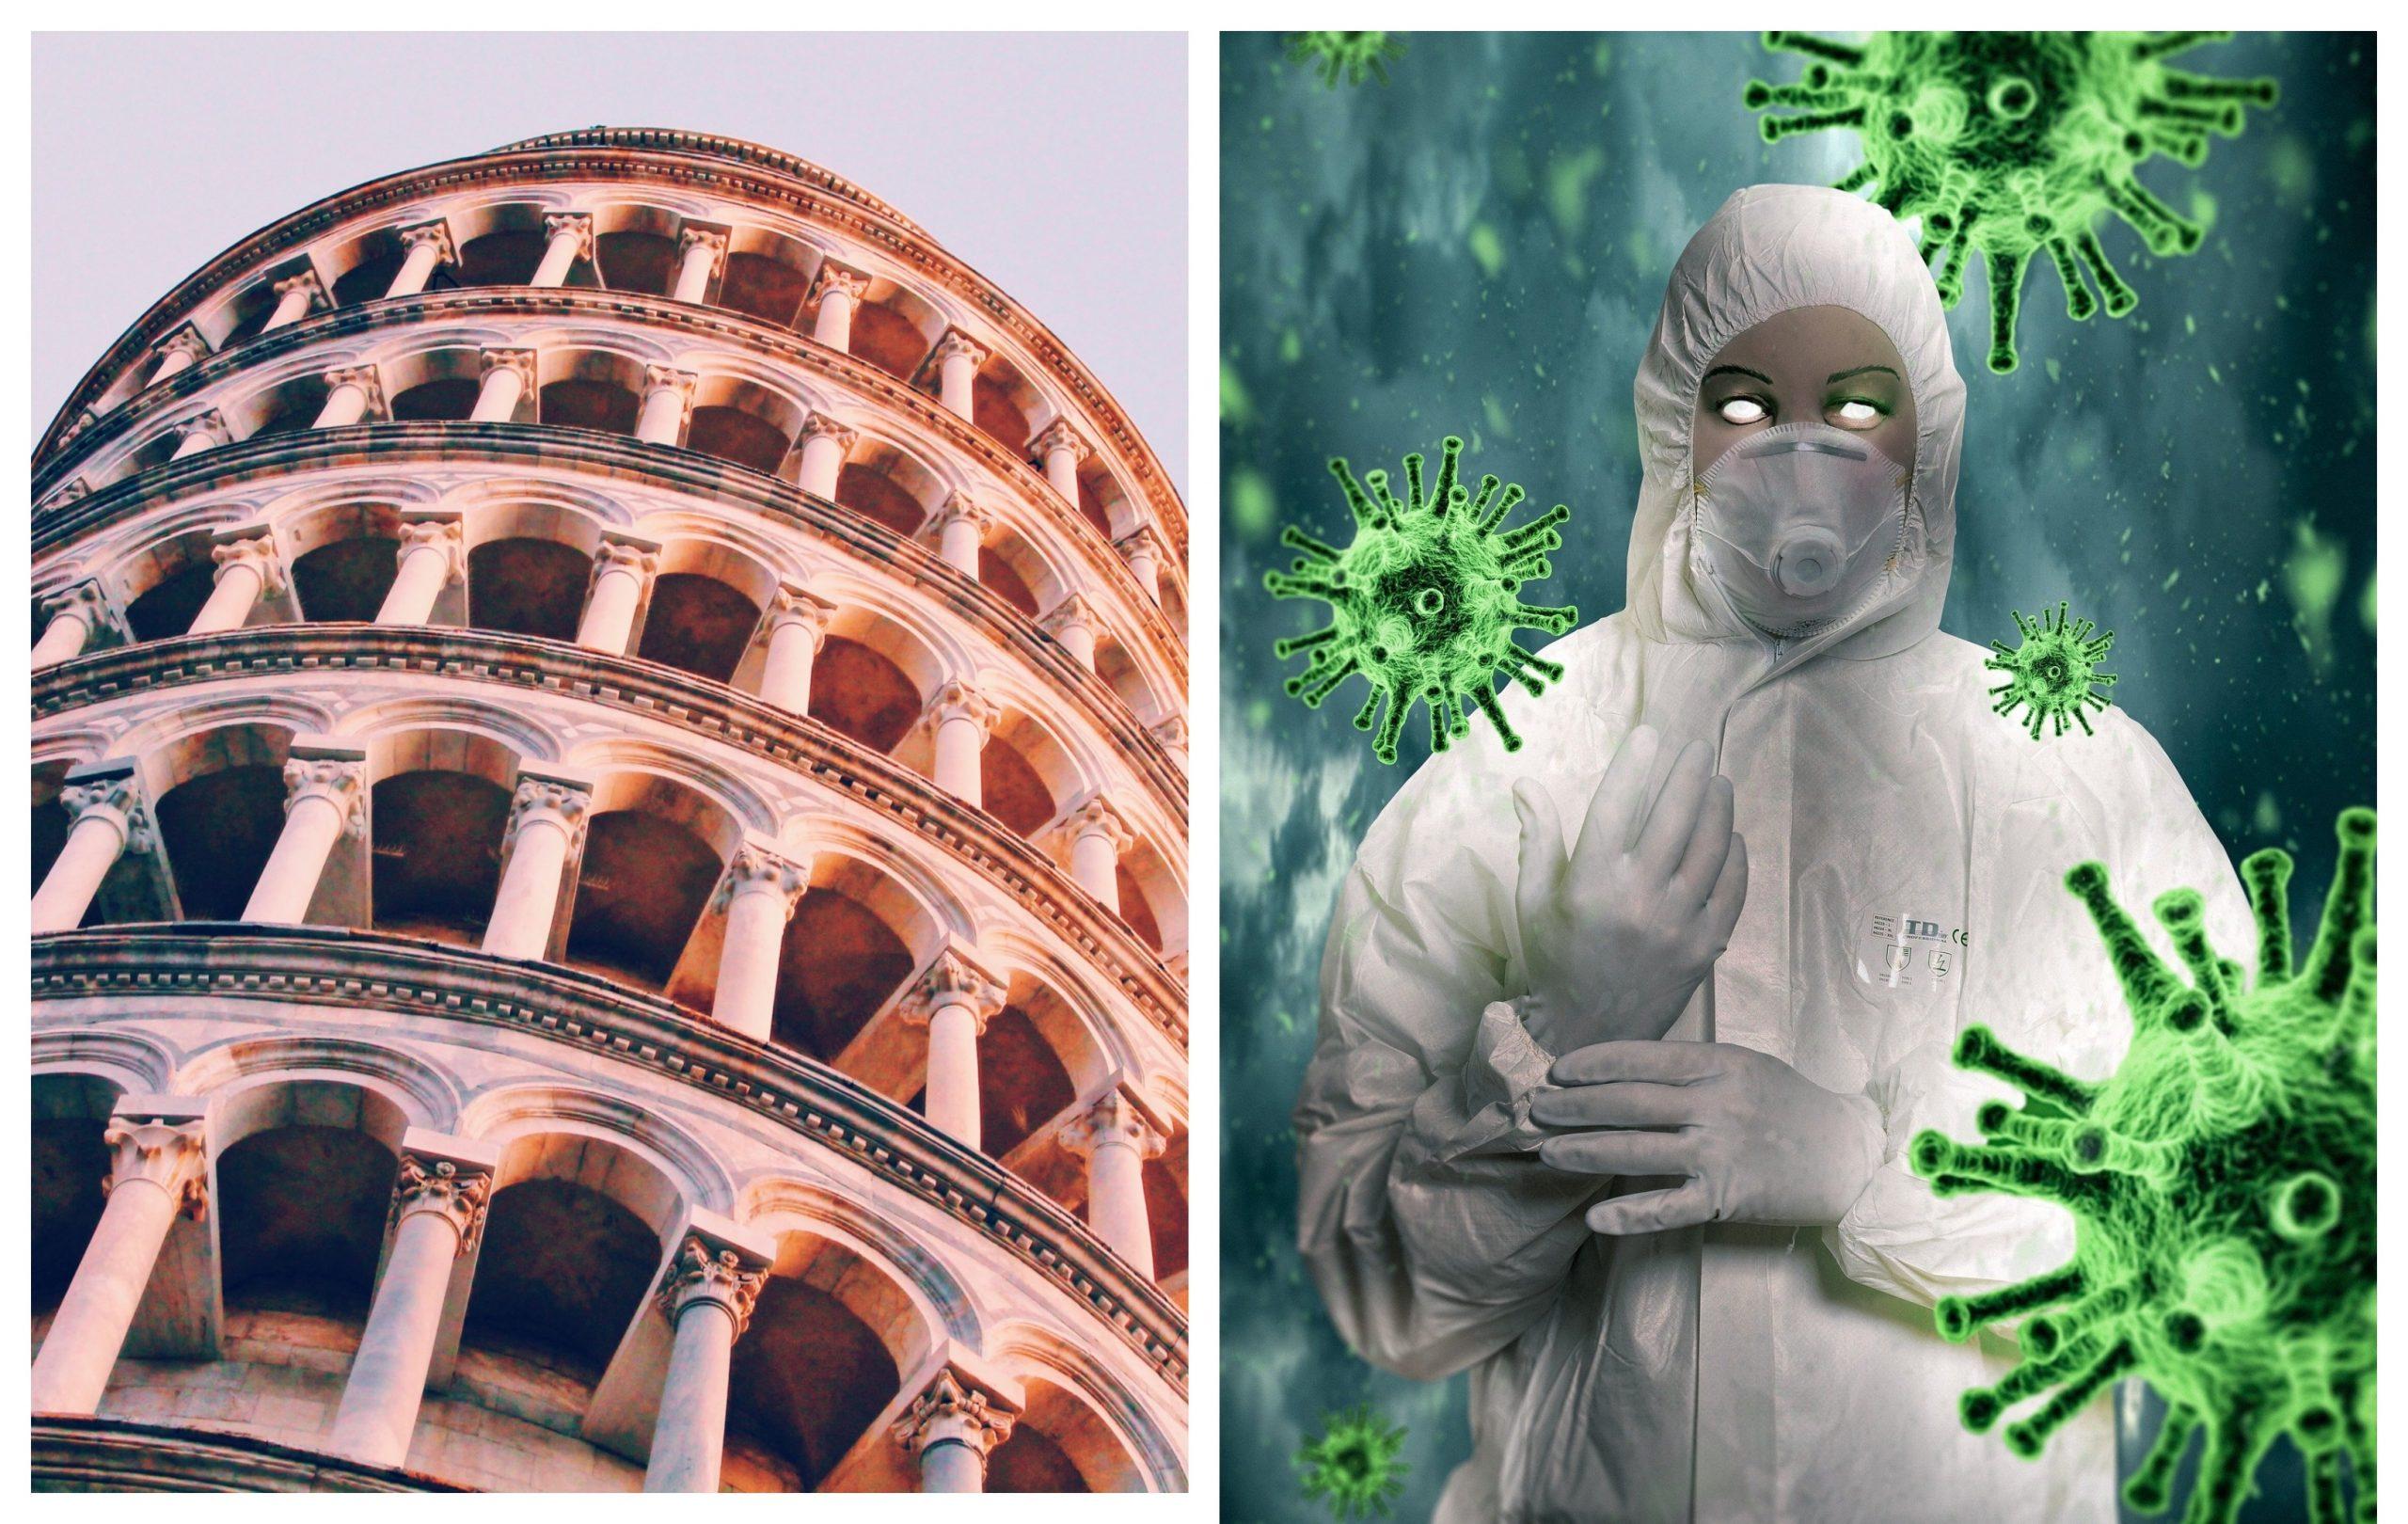 İtalya'da Korkunç Rakam! CoronaVirüs'den Dolayı 1 Günde 627 Kişinin Öldüğünü Bildirildi!